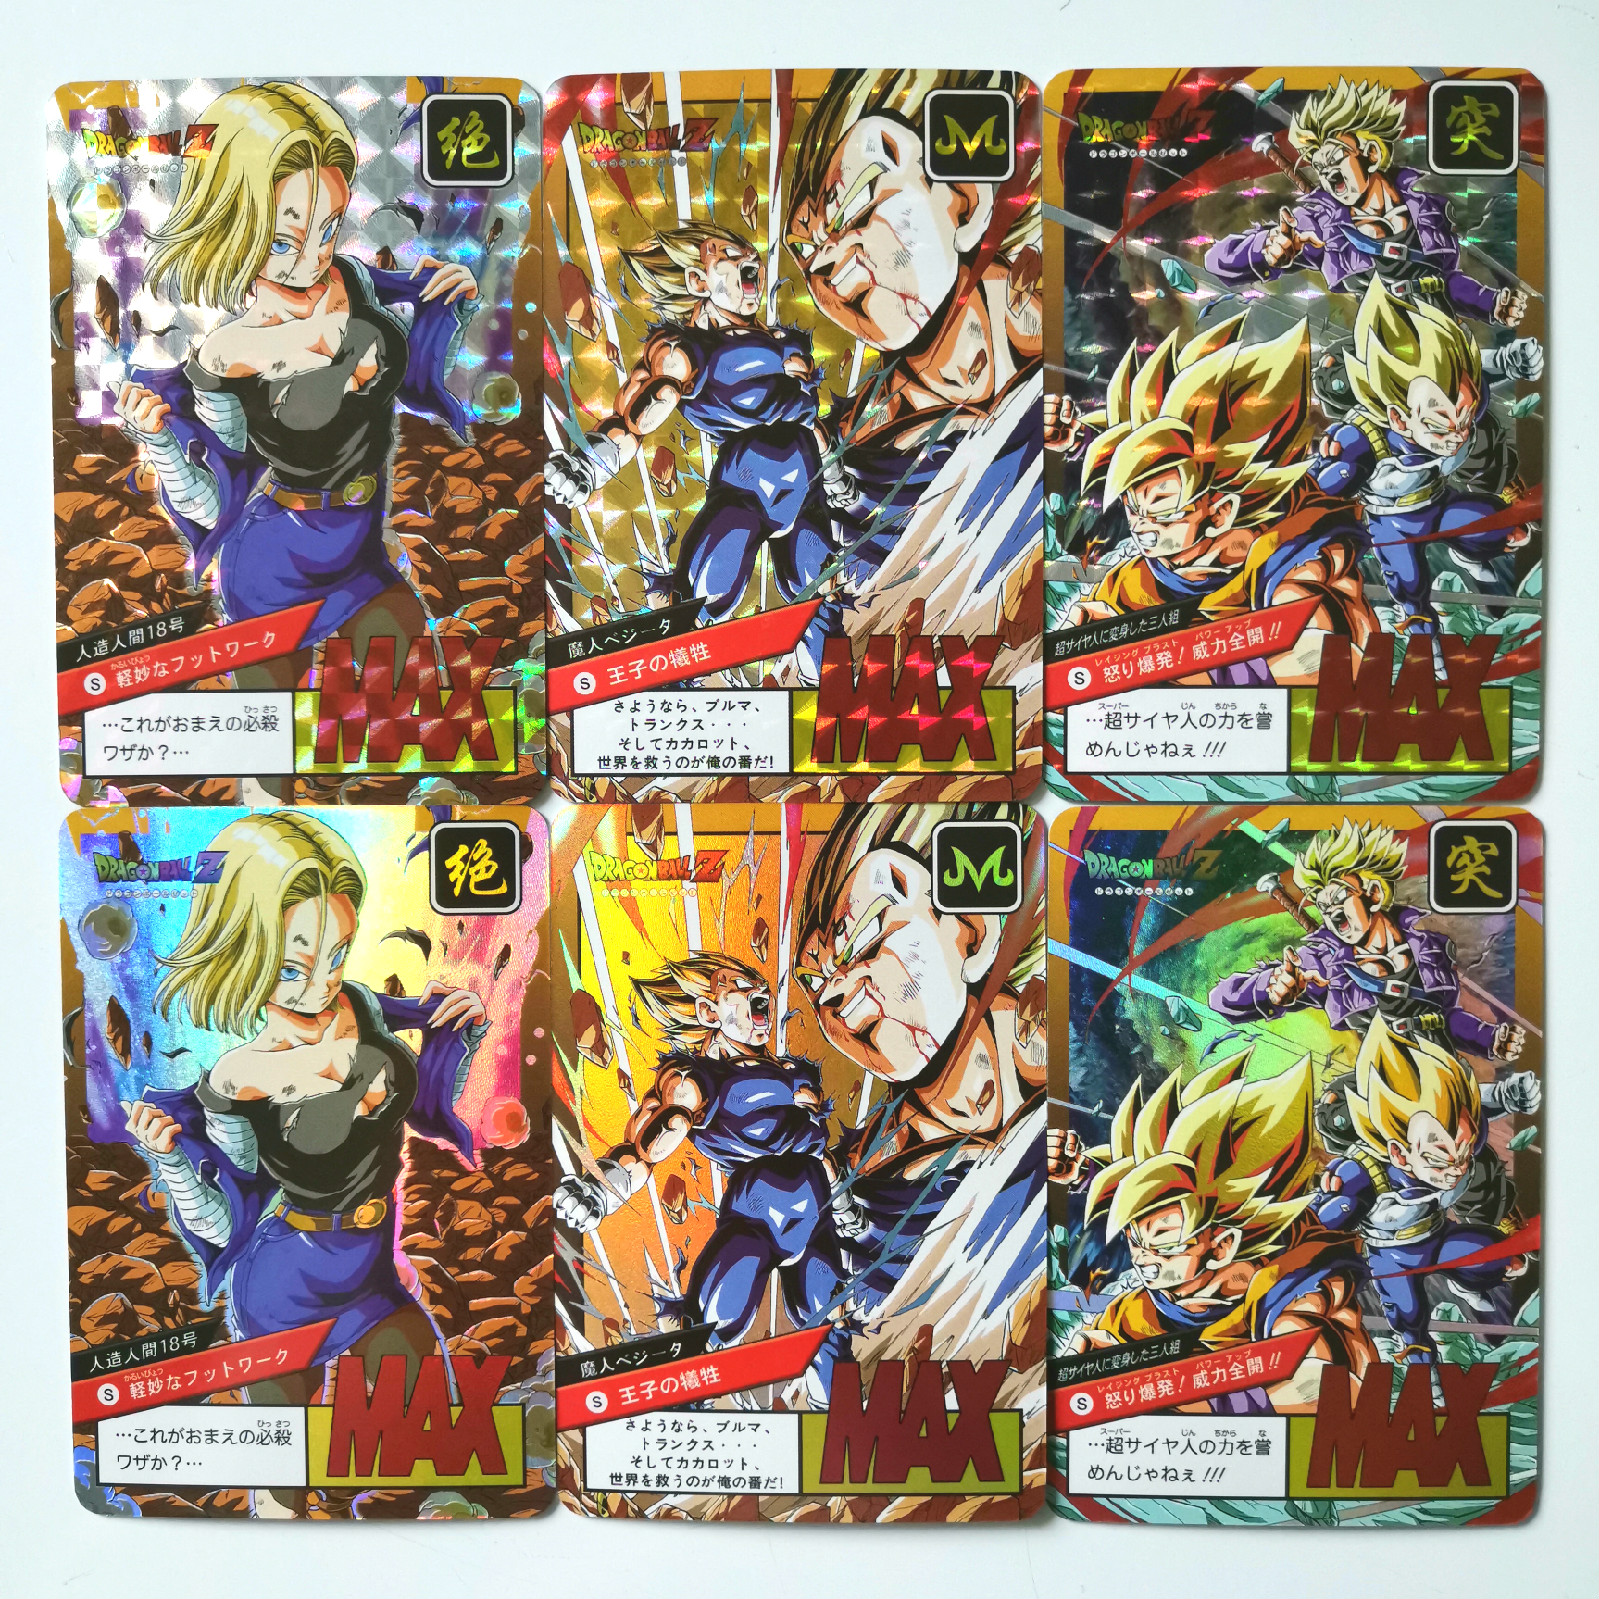 Super dragon ball limitado a 50 sexy único limite cartão heróis batalha ultra instinto goku vegeta jogo coleção anime cartões